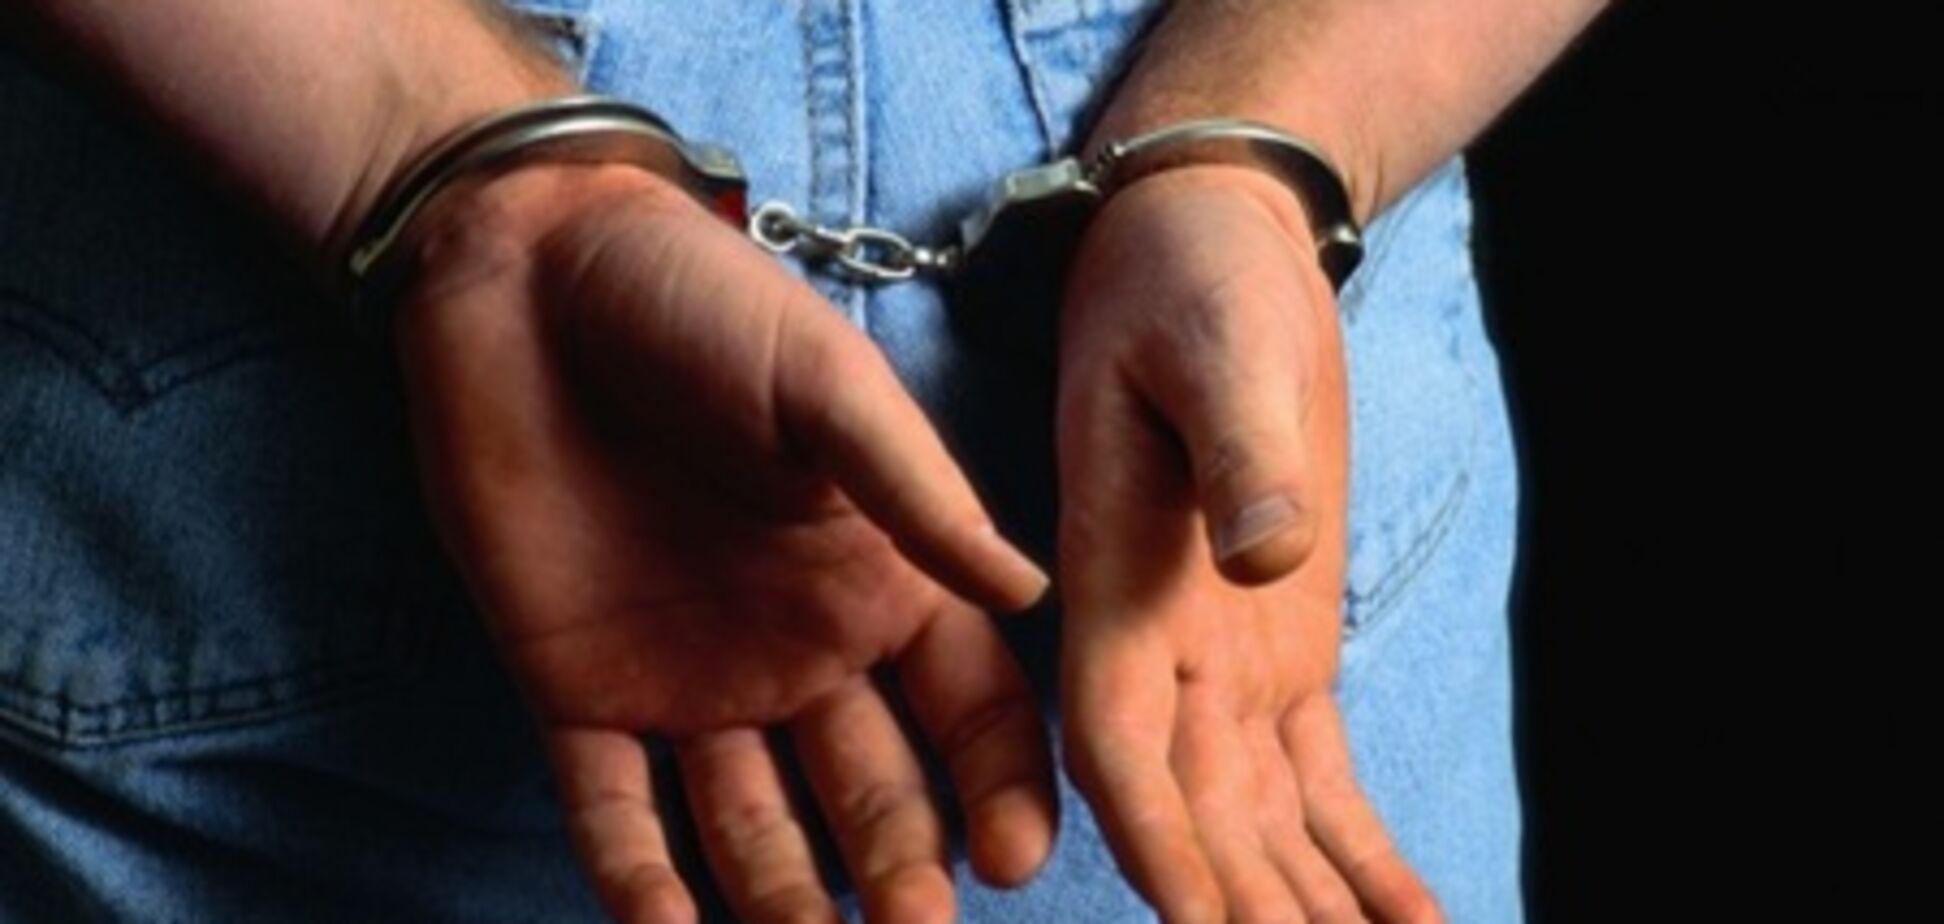 За ложное минирование шутнику грозит пять лет лишения свободы